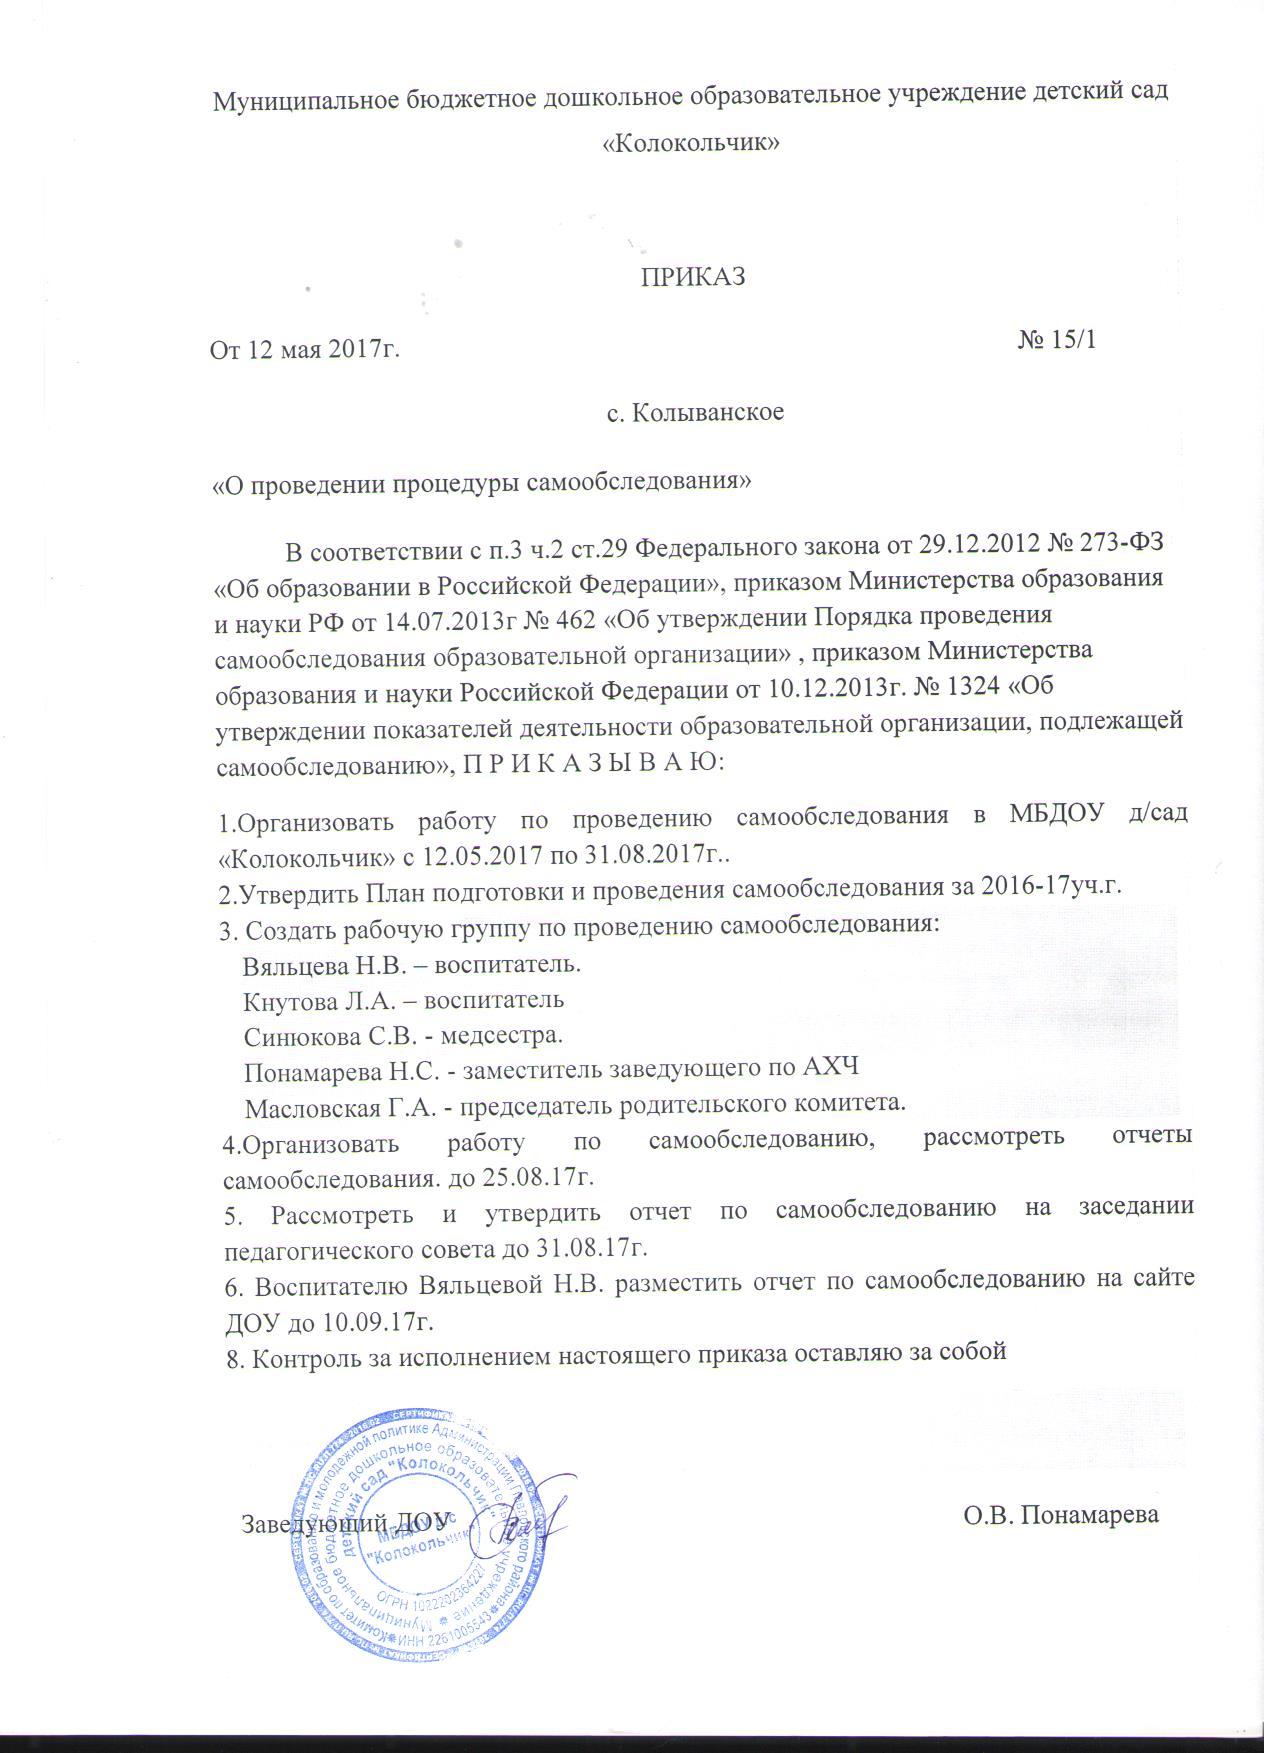 Мбдоу «детский сад № 21» г. Иванова.